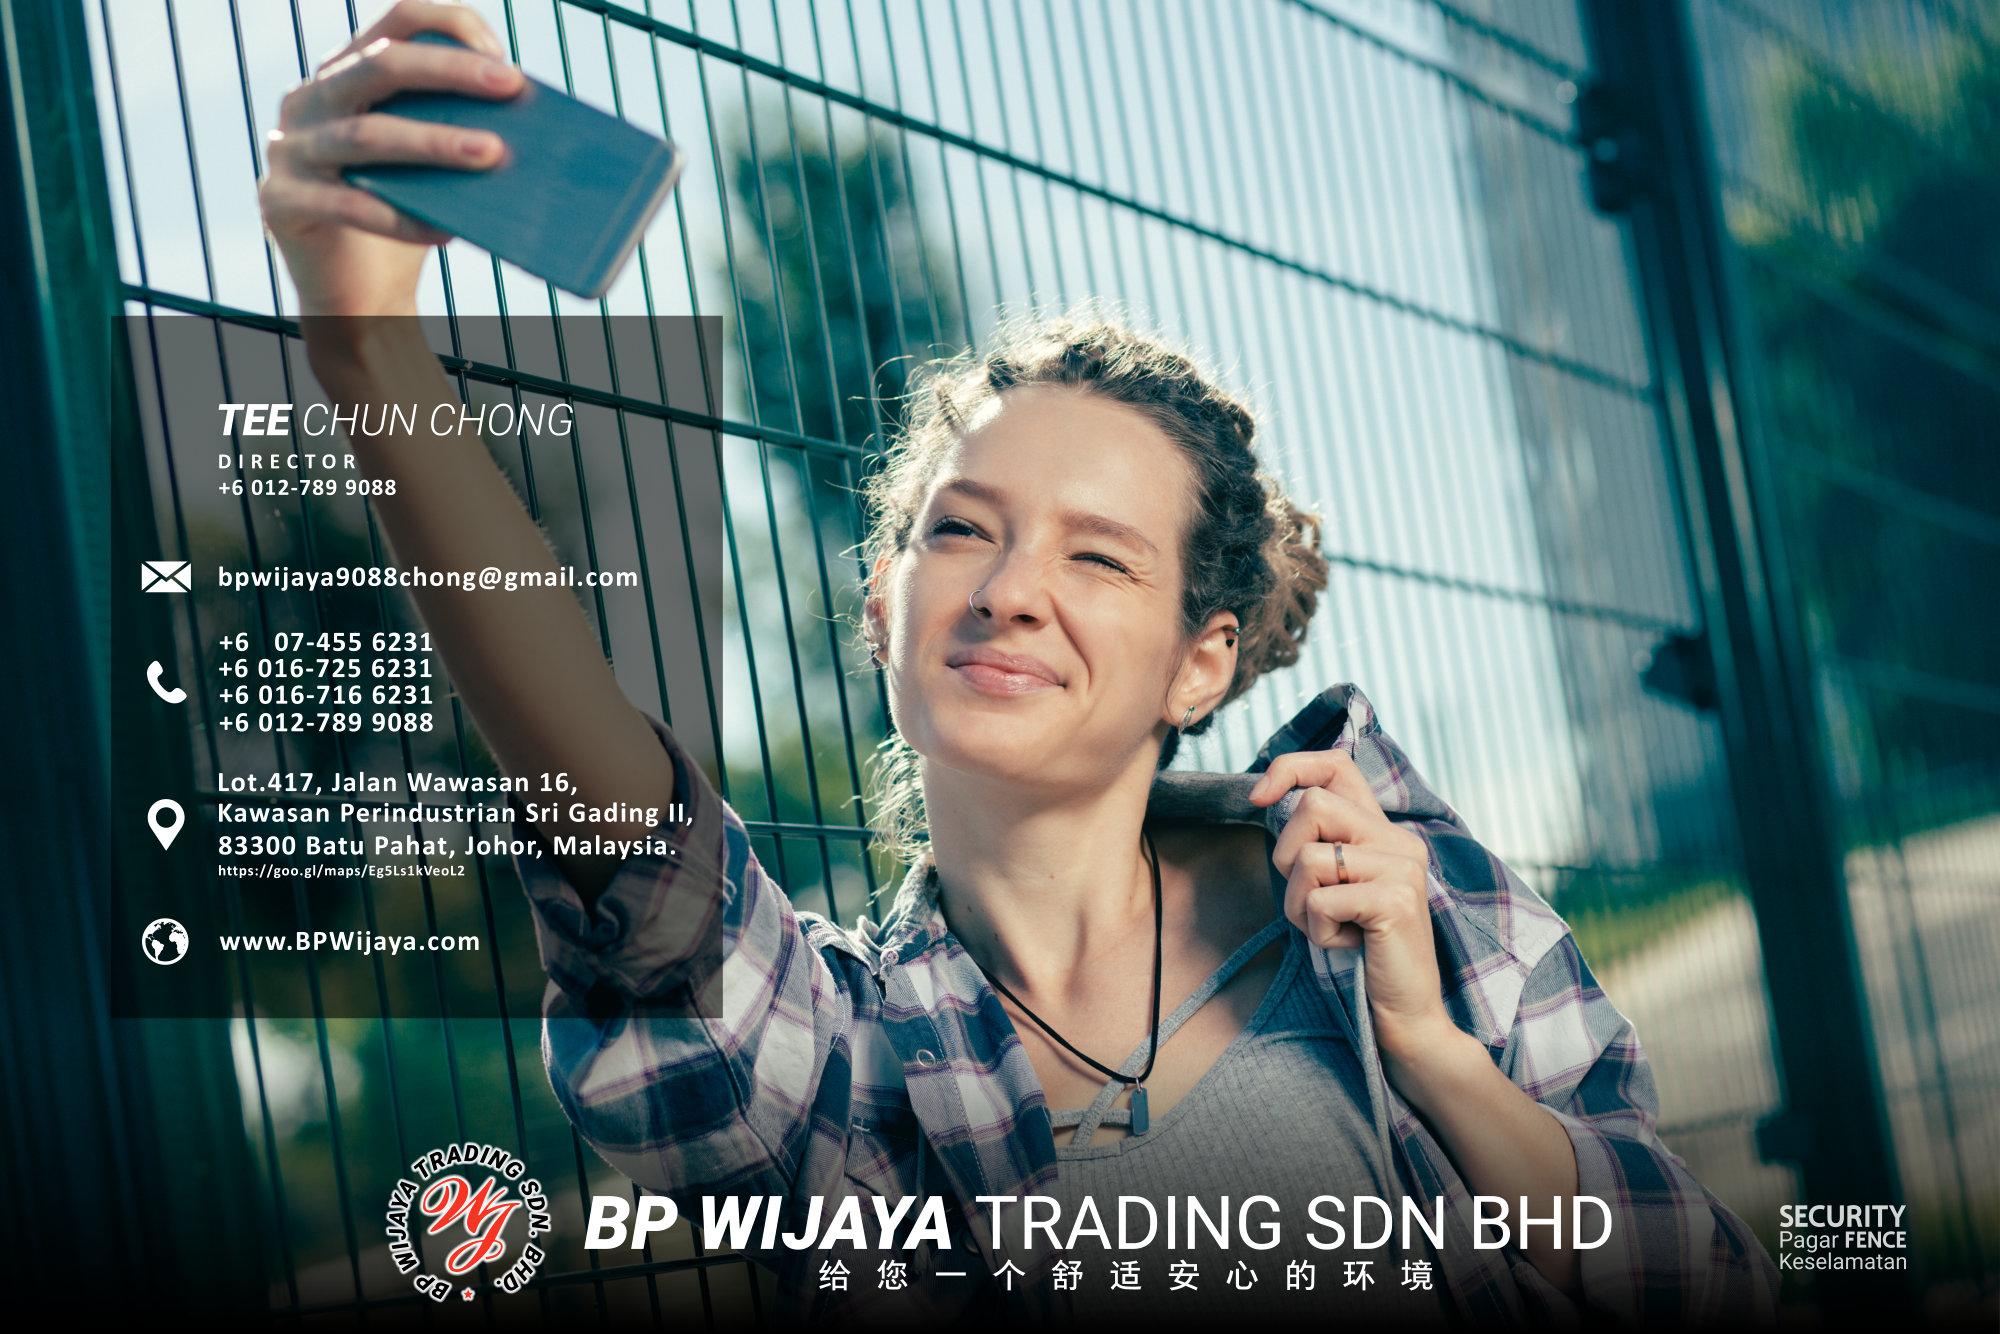 吉隆坡安全篱笆供应商 - 我们是安全篱笆制造商 BP Wijaya Trading Sdn Bhd 住家围栏篱笆 提供 吉隆坡篱笆 建筑材料 给 发展商 花园 公寓 住家 工厂 农场 果园 安全藩篱 建设 A03-004